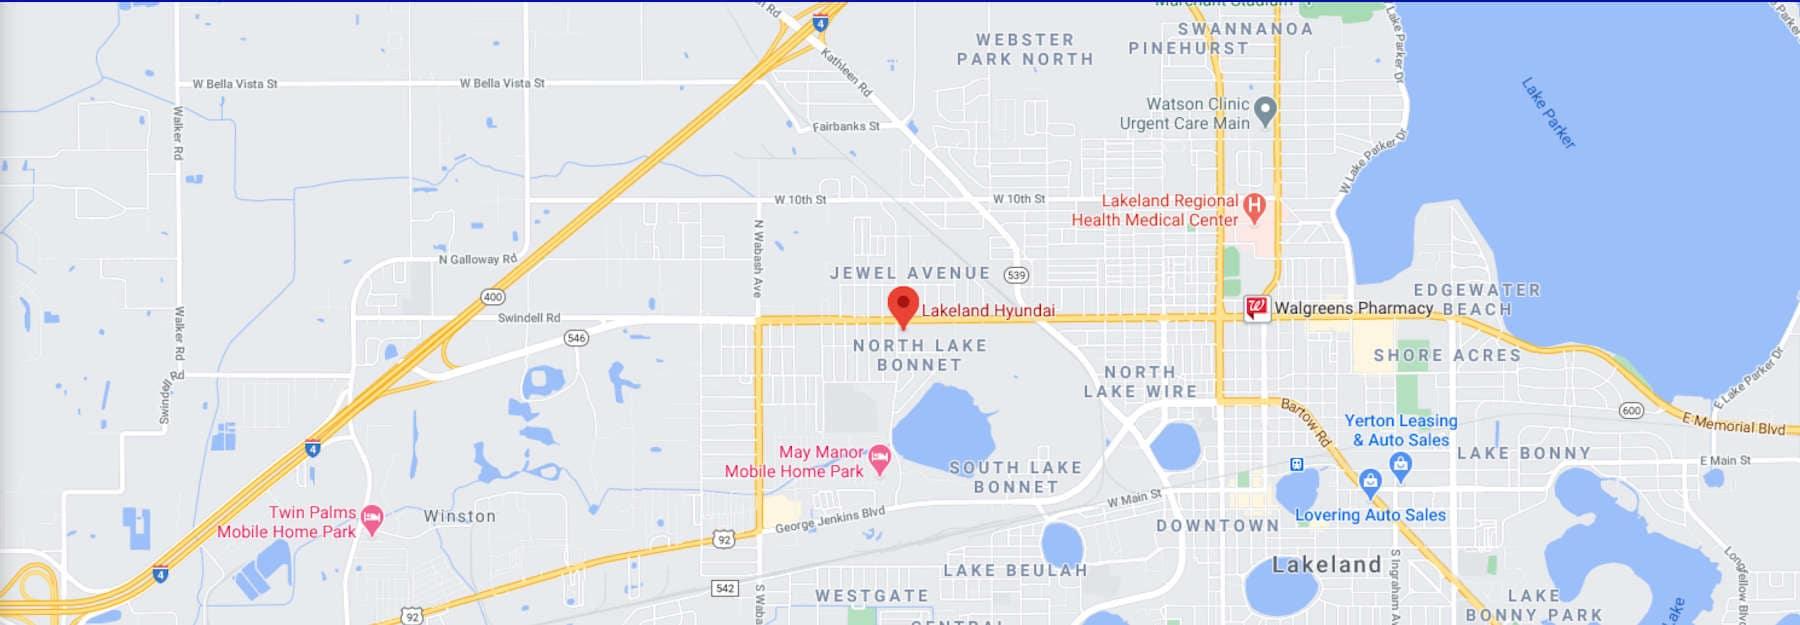 Lakeland Hyundai Map